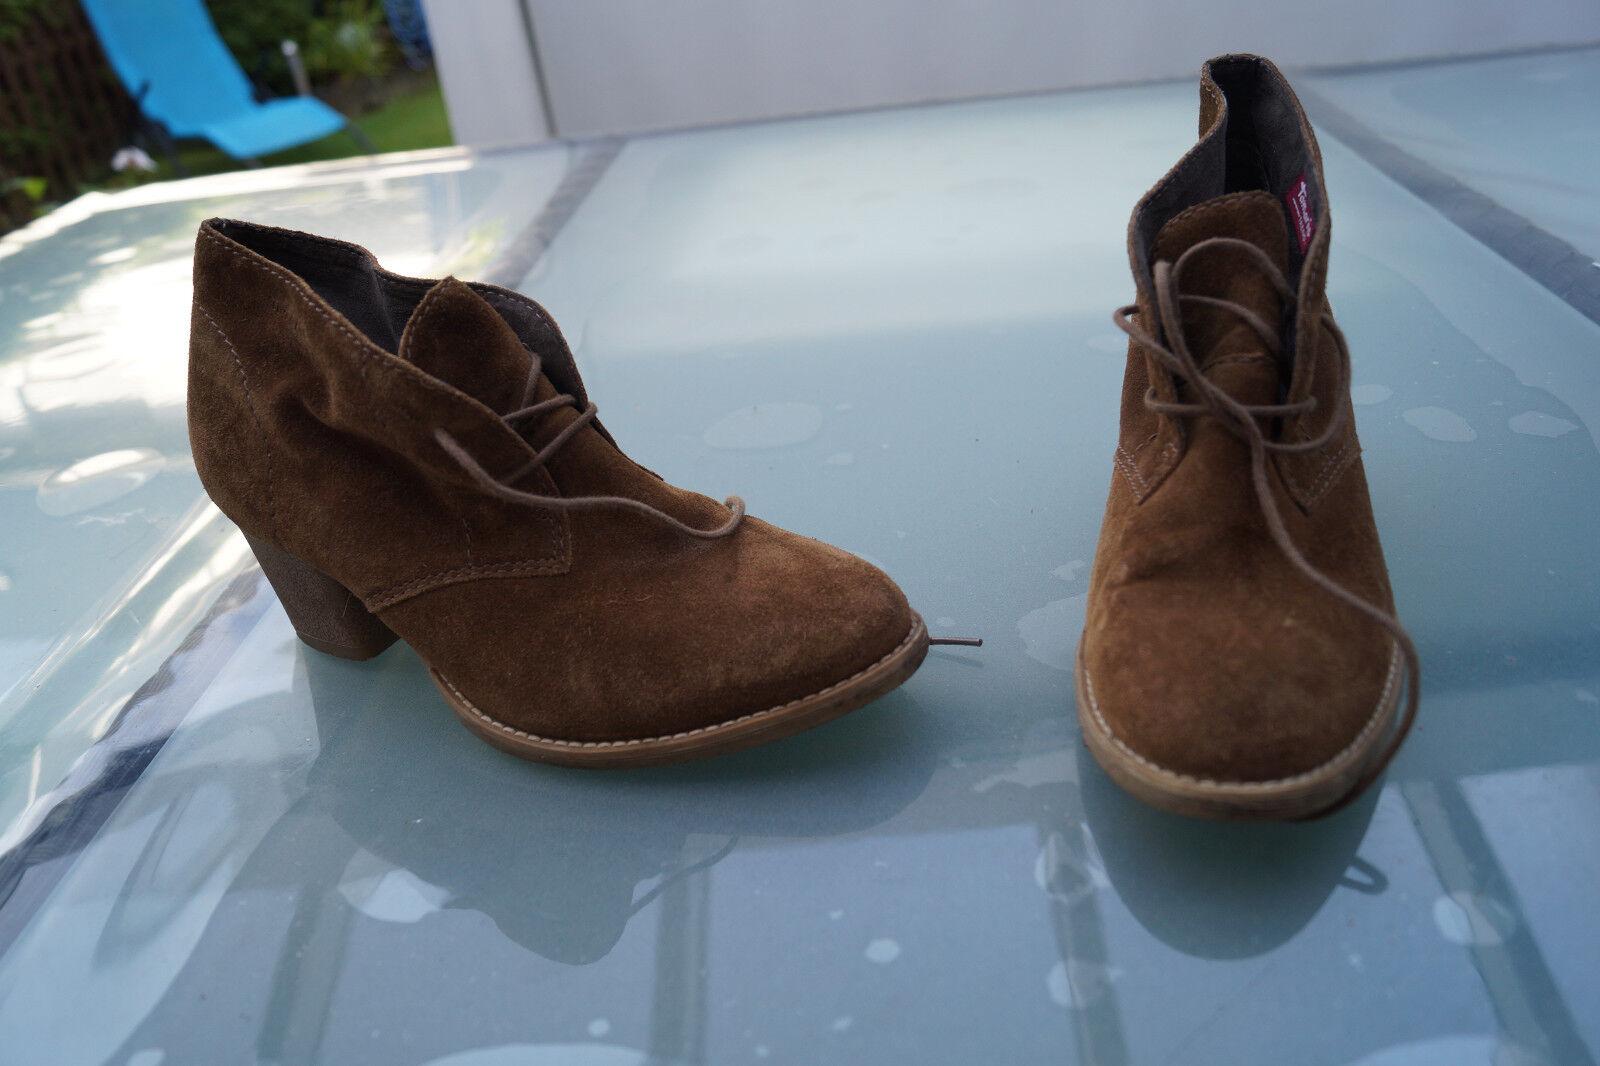 TAMARIS Trend Damen Schuhe Stiefel Stiefeletten Absatz Gr.40 wildleder braun #80